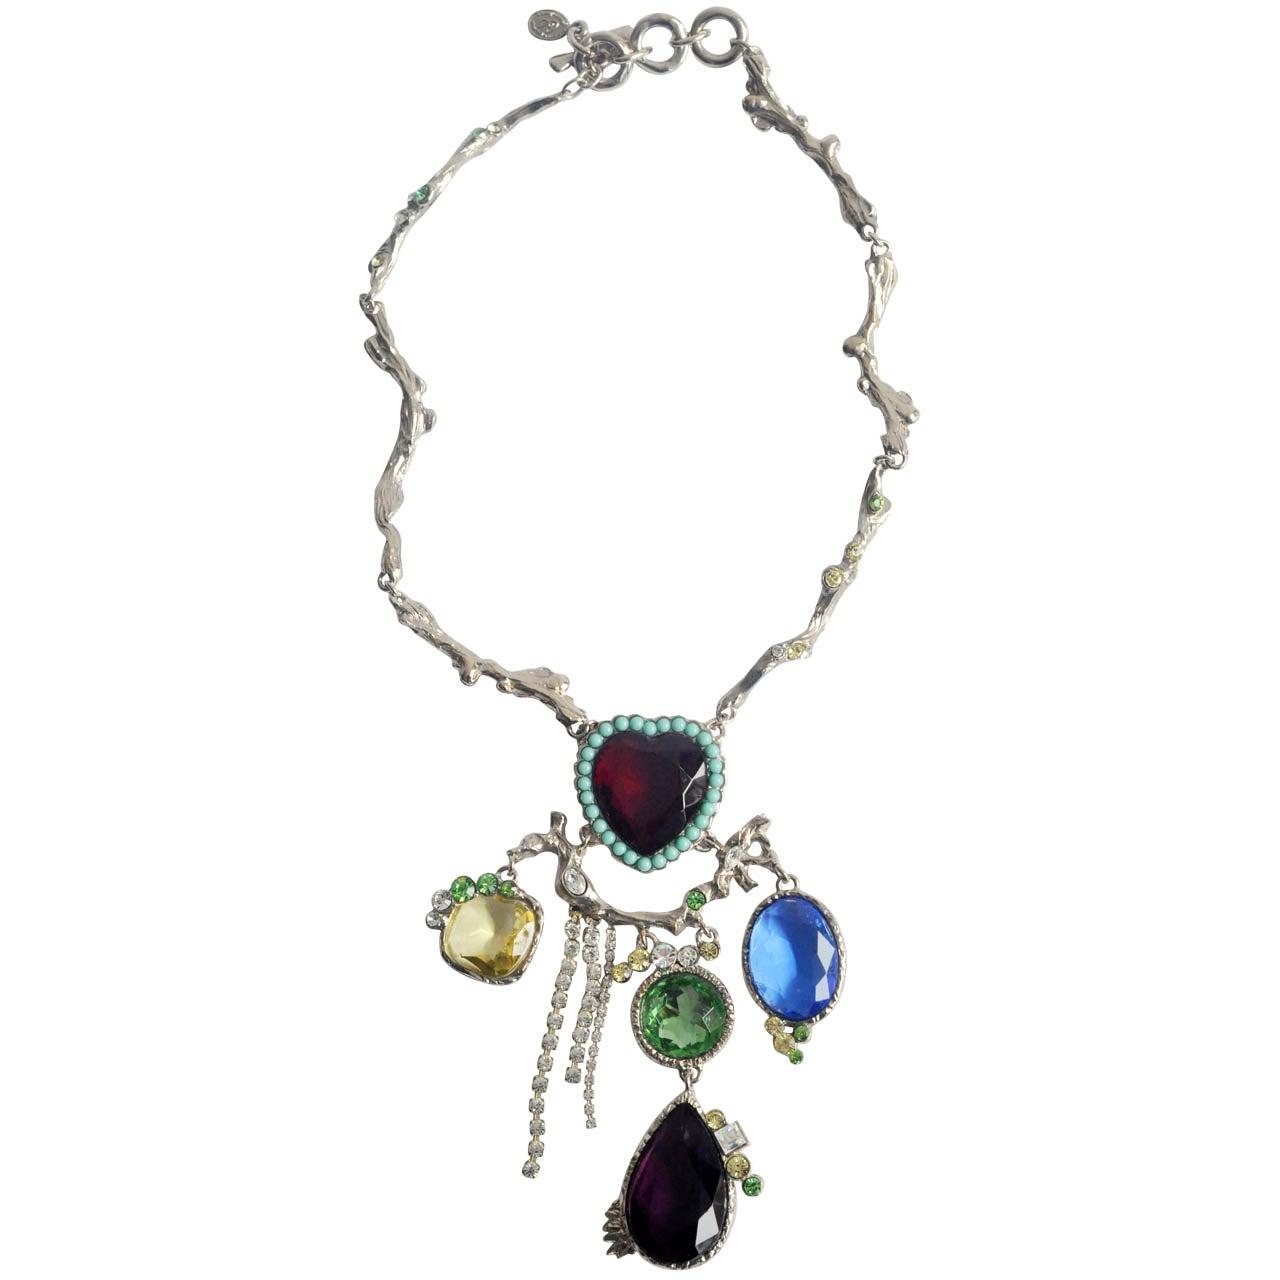 Christian Lacroix Silver-tone Necklace